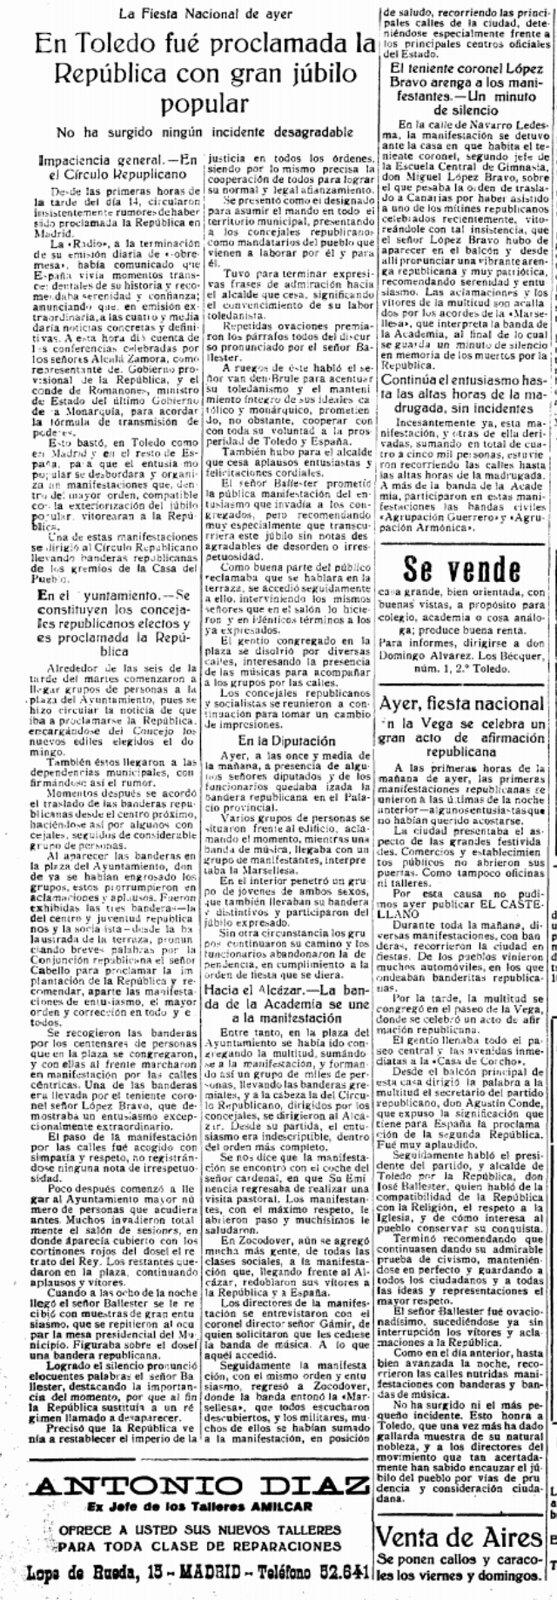 Reseña de la proclamación de la II República en Toledo en el diario El Castellano (16 de abril de 1931)